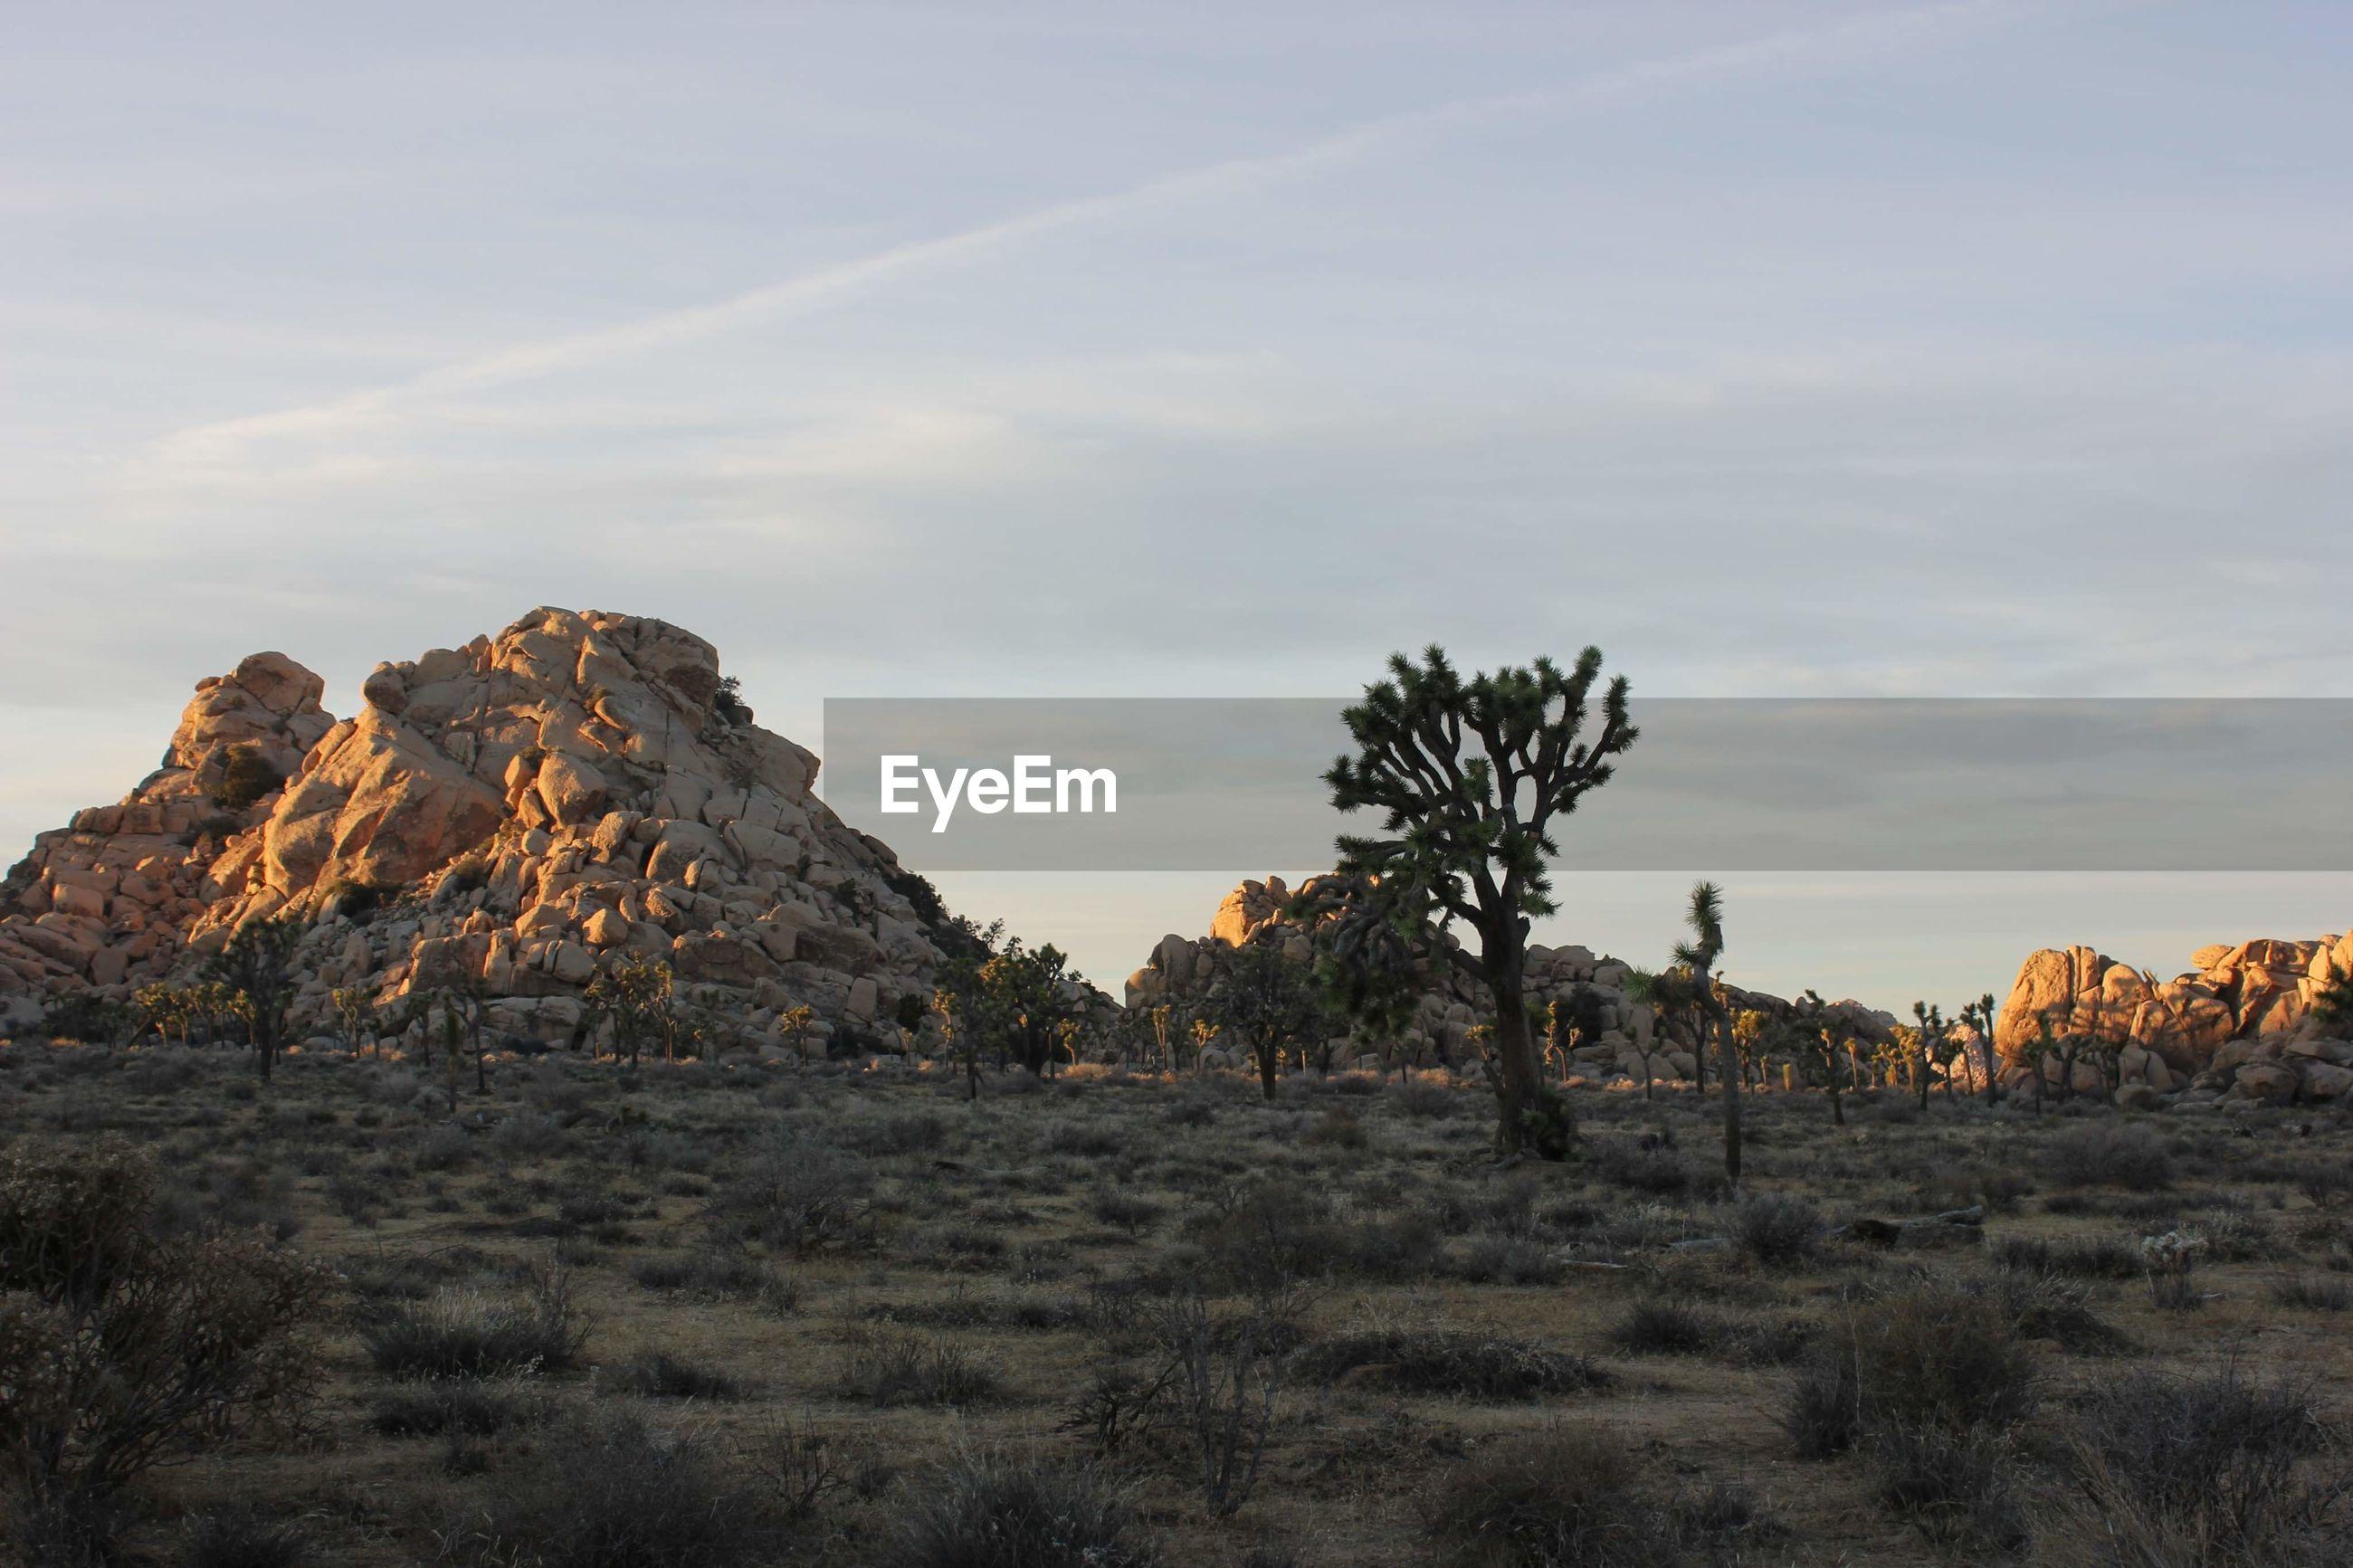 The joshua tree desert at dusk